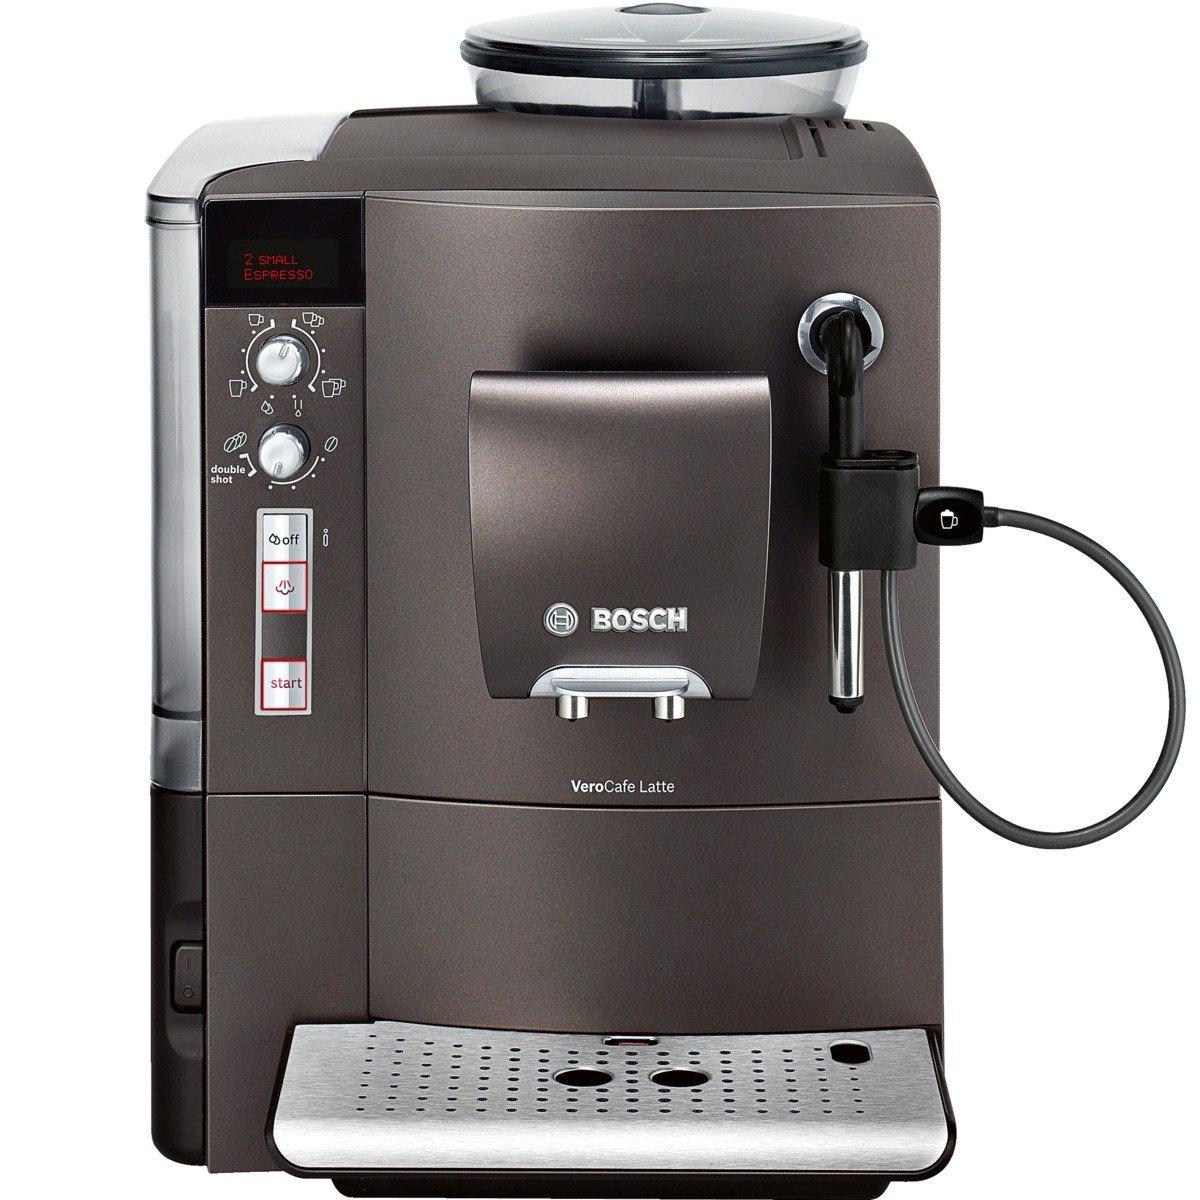 kaffeevollautomaten test 2015 testsieger vergleich. Black Bedroom Furniture Sets. Home Design Ideas